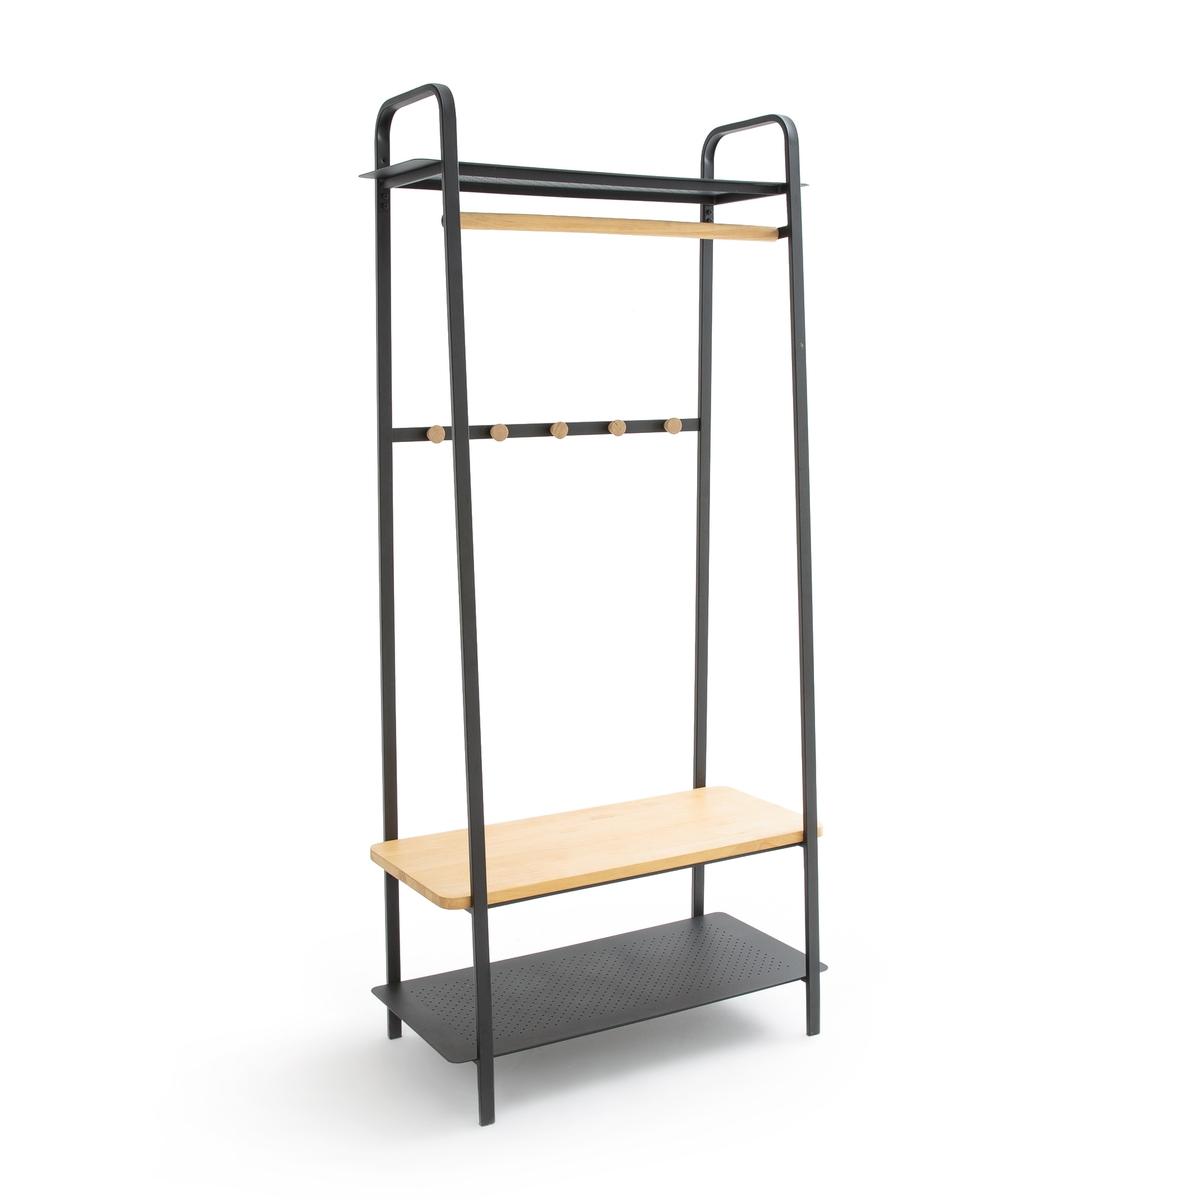 Вешалка La Redoute Для гардероба из дерева и металлаESTIVAR единый размер черный